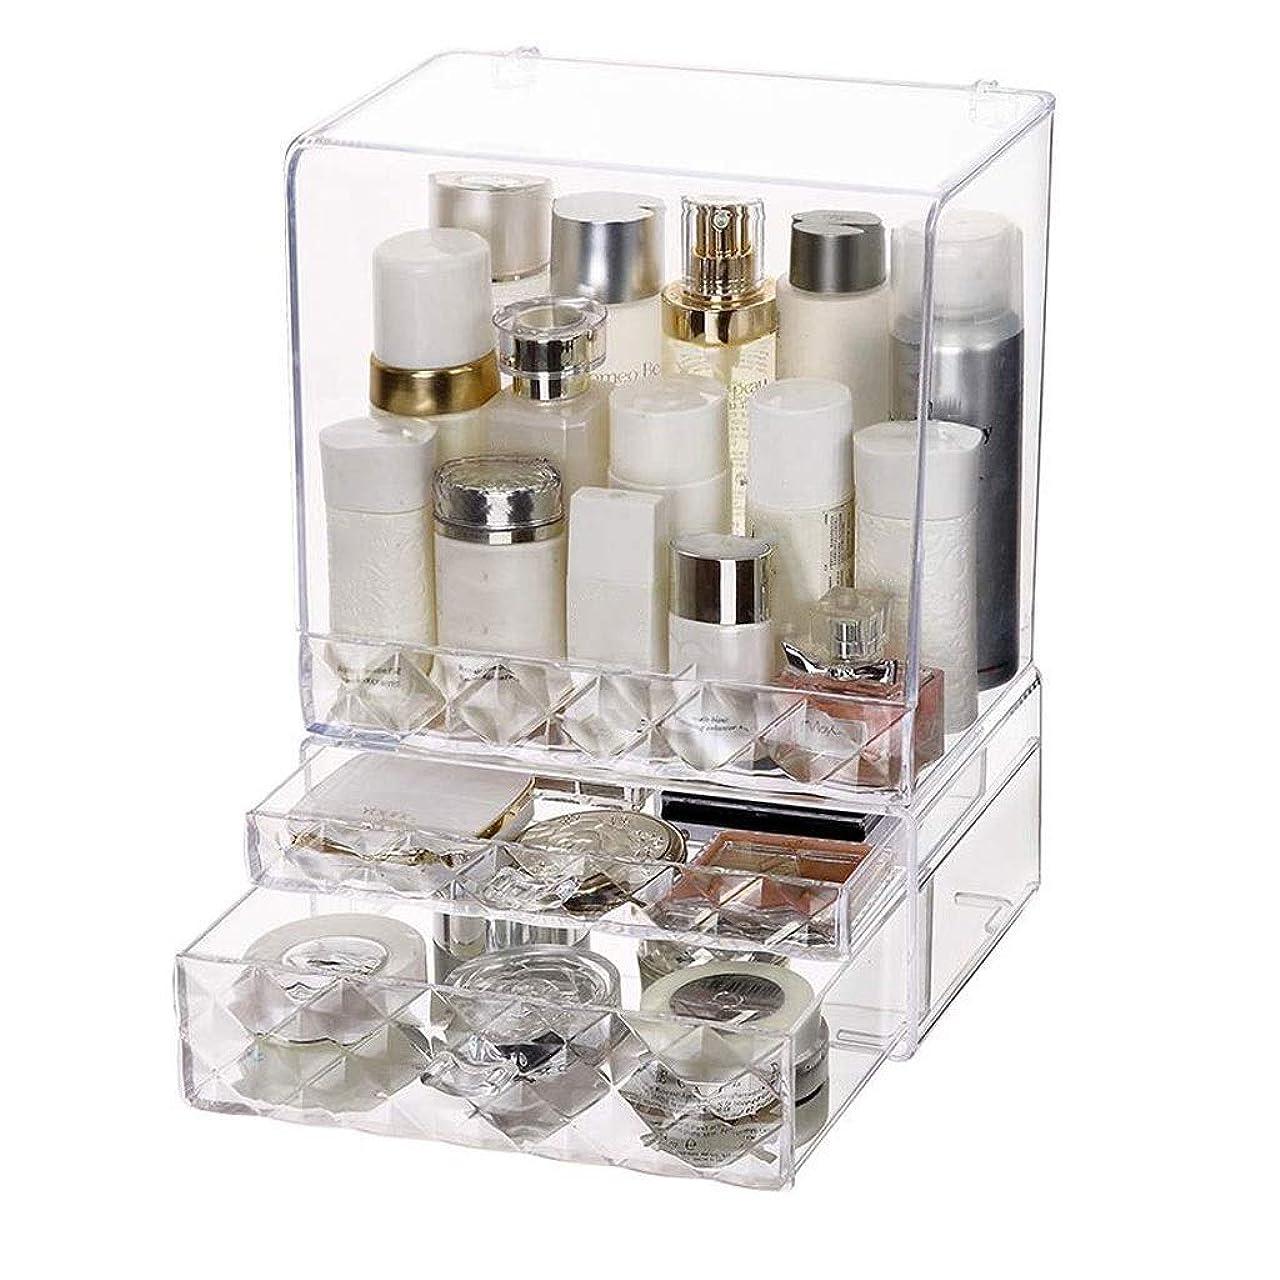 方法感嘆符製油所化粧品収納ボッ, 化粧品オーガナイザー引き出しクリアアクリルジュエリーボックス化粧収納ケース